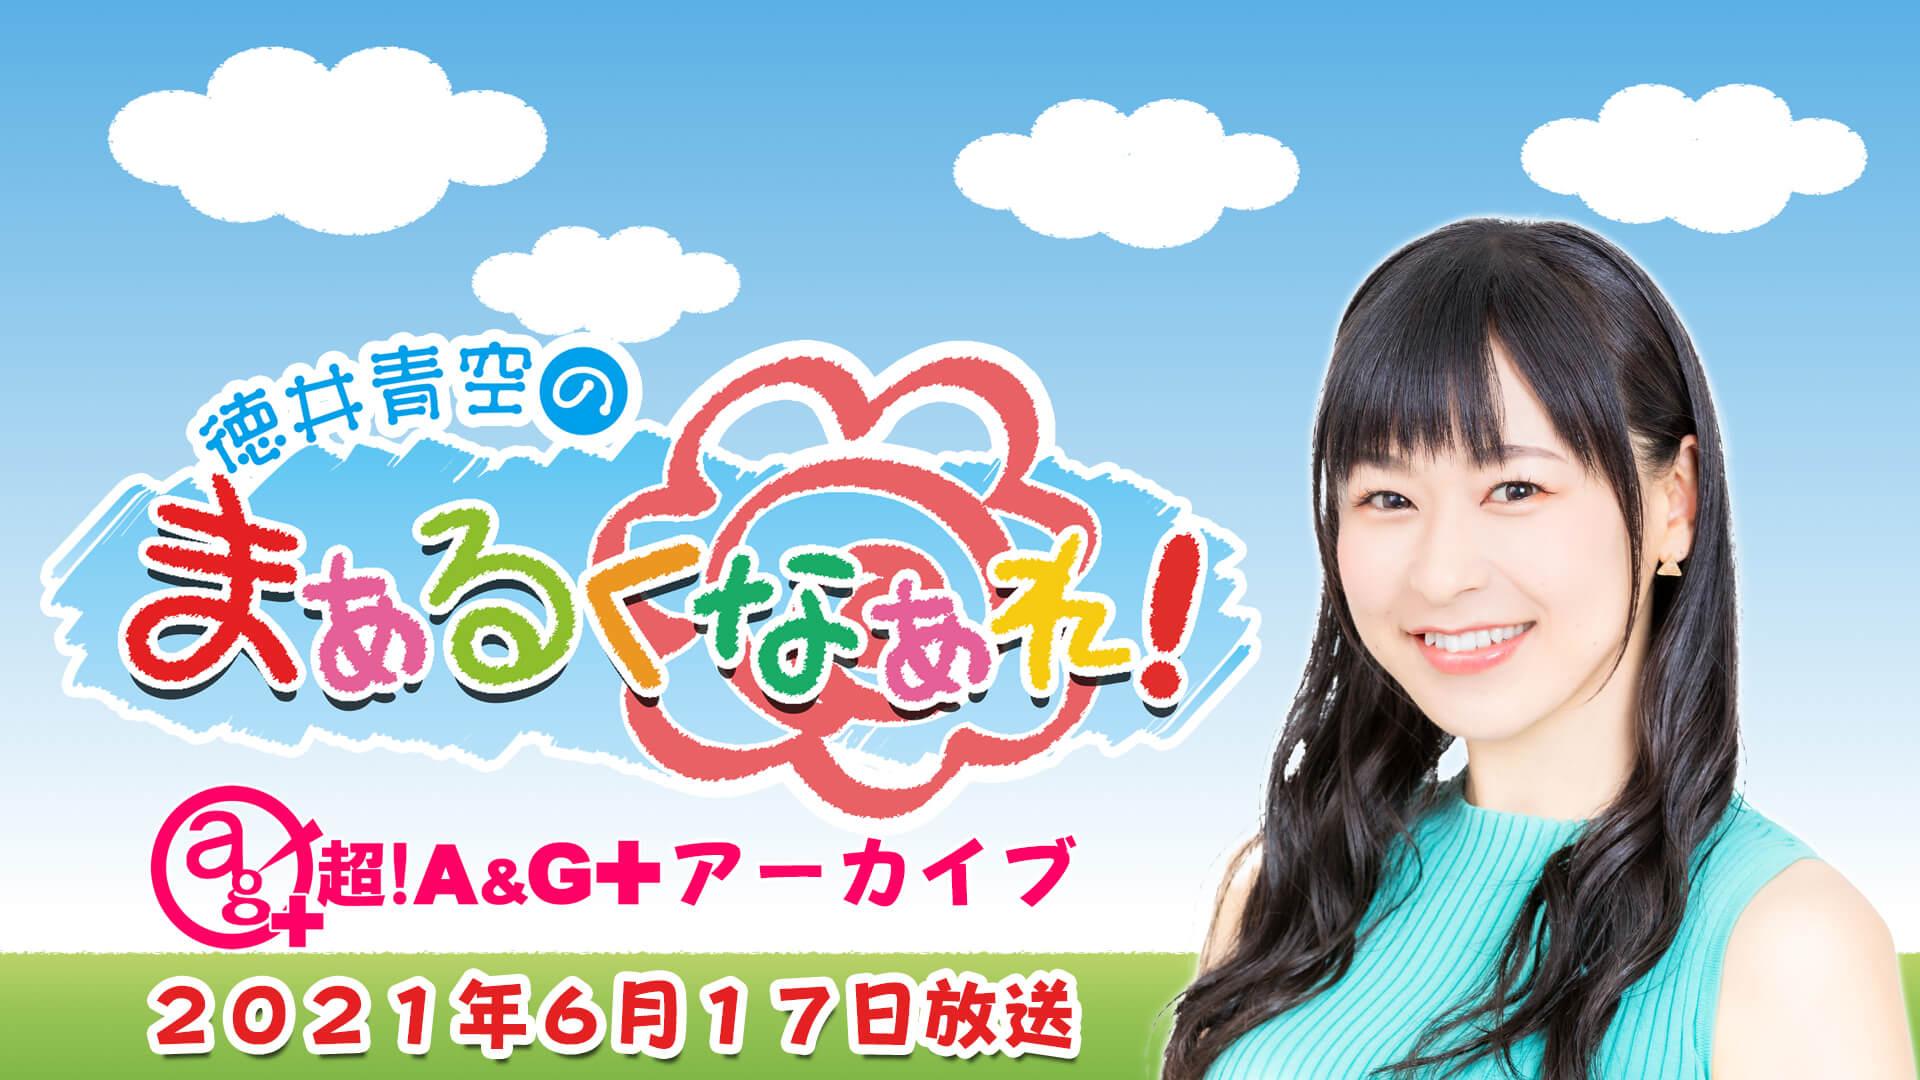 「徳井青空のまぁるくなぁれ!」6月17日放送分アーカイブ+おまけ動画更新